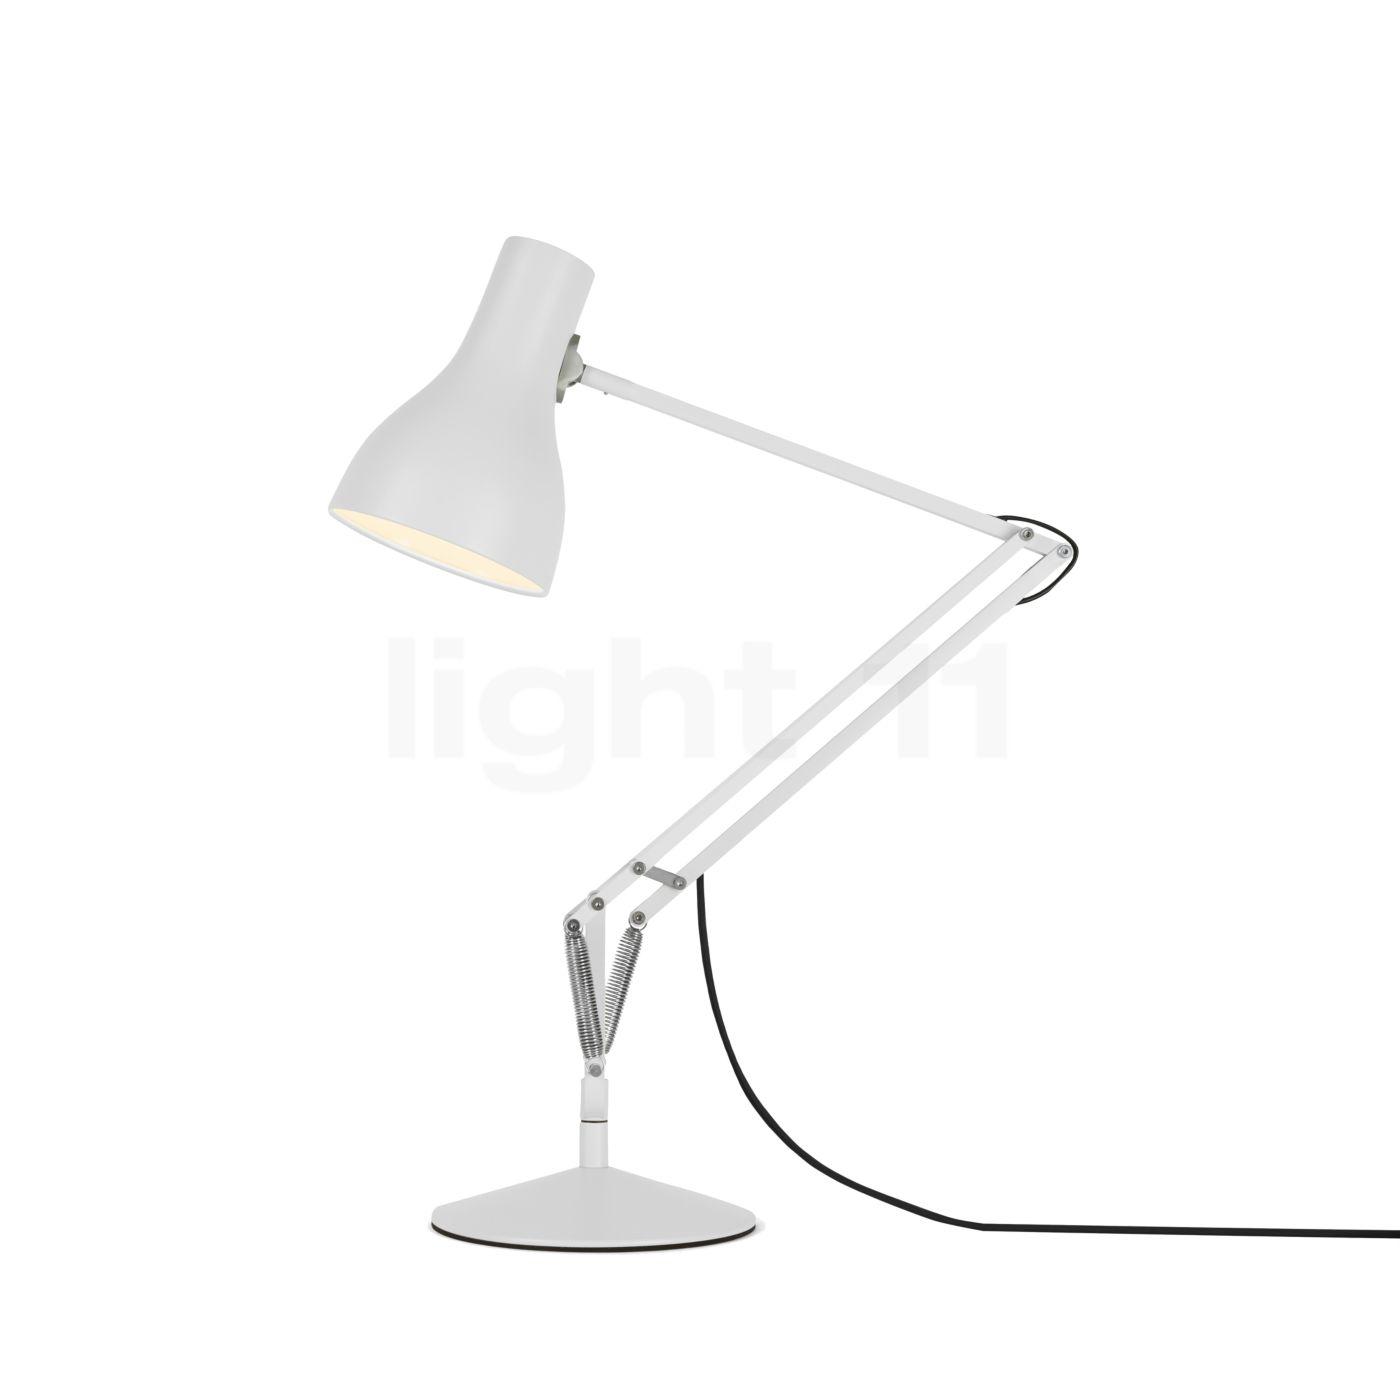 Vente Mini Sur En Anglepoise Lampe 75 Type De Lecture hQstrd